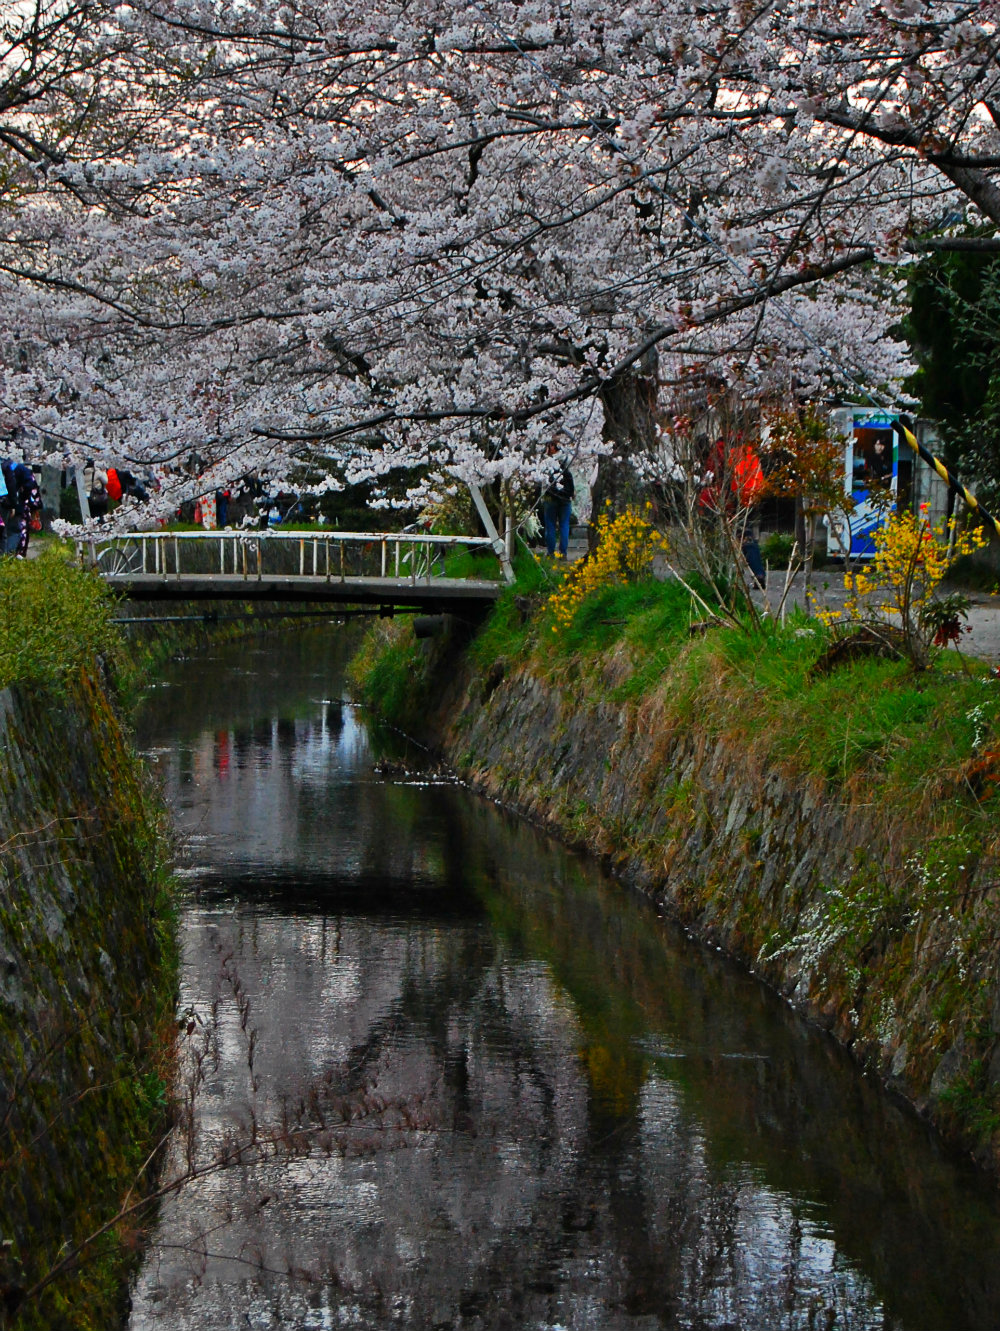 Paseo del filósofo - Kyoto